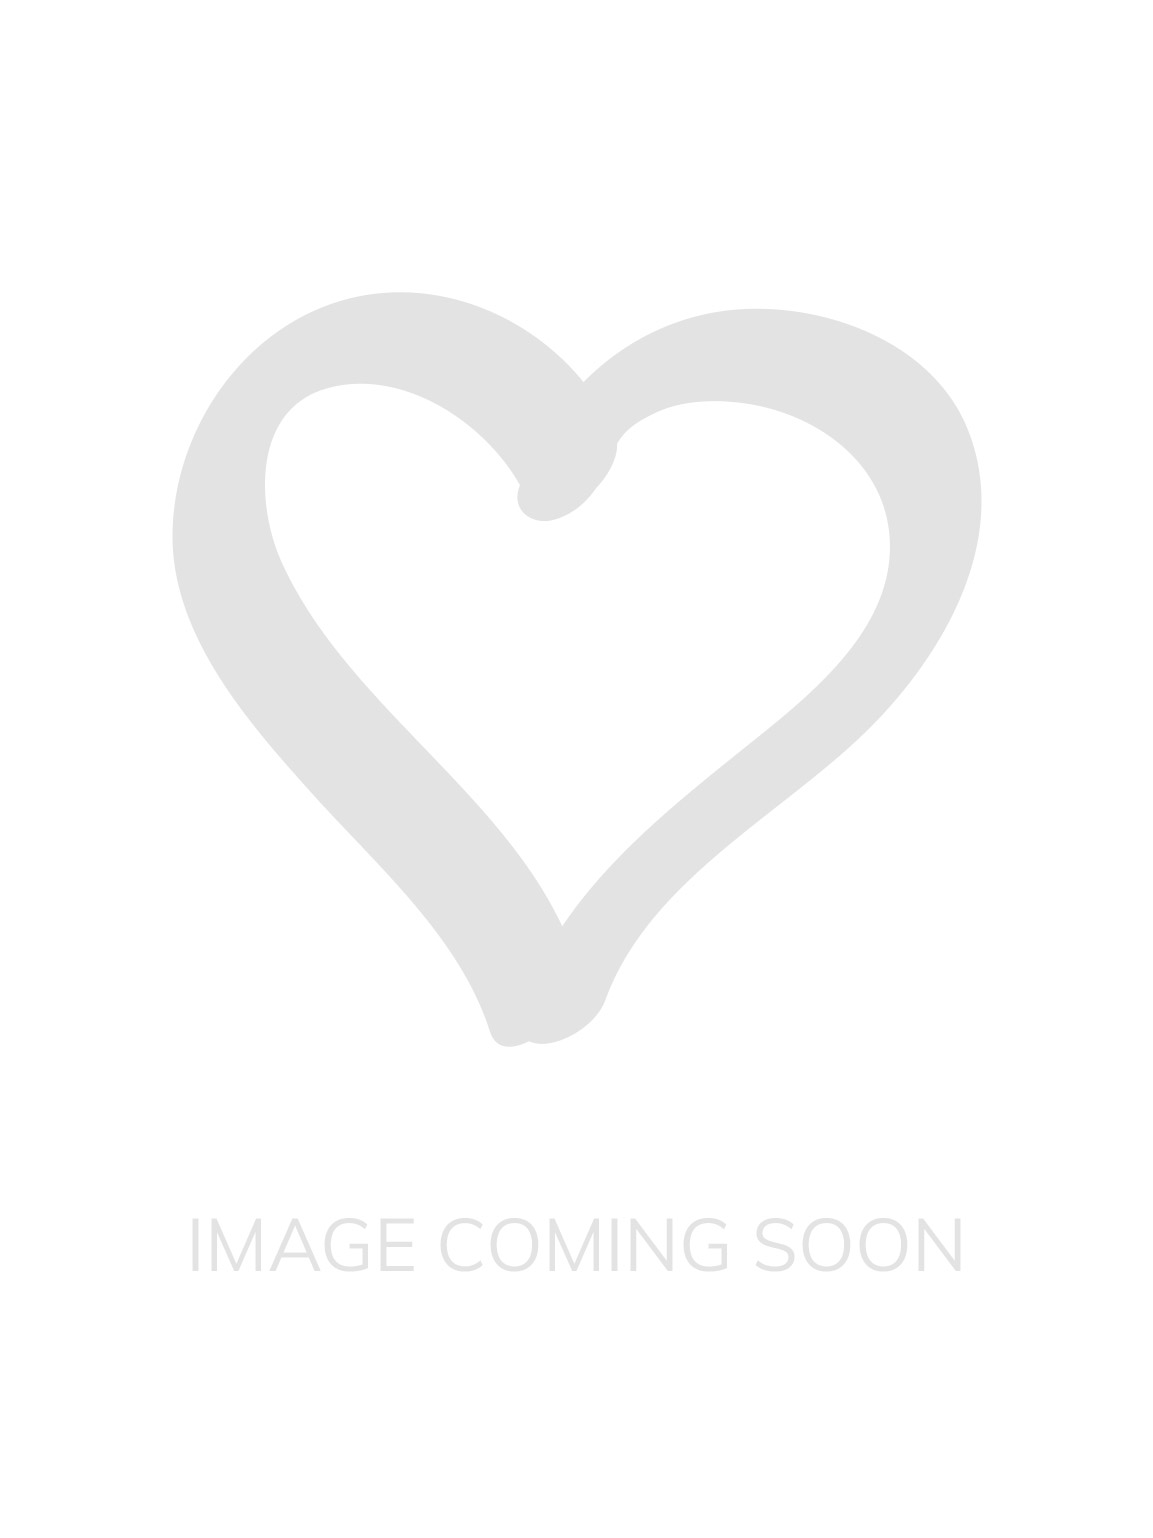 fd51078d17519 High Impact Convertible Sports Bra - Light Grey